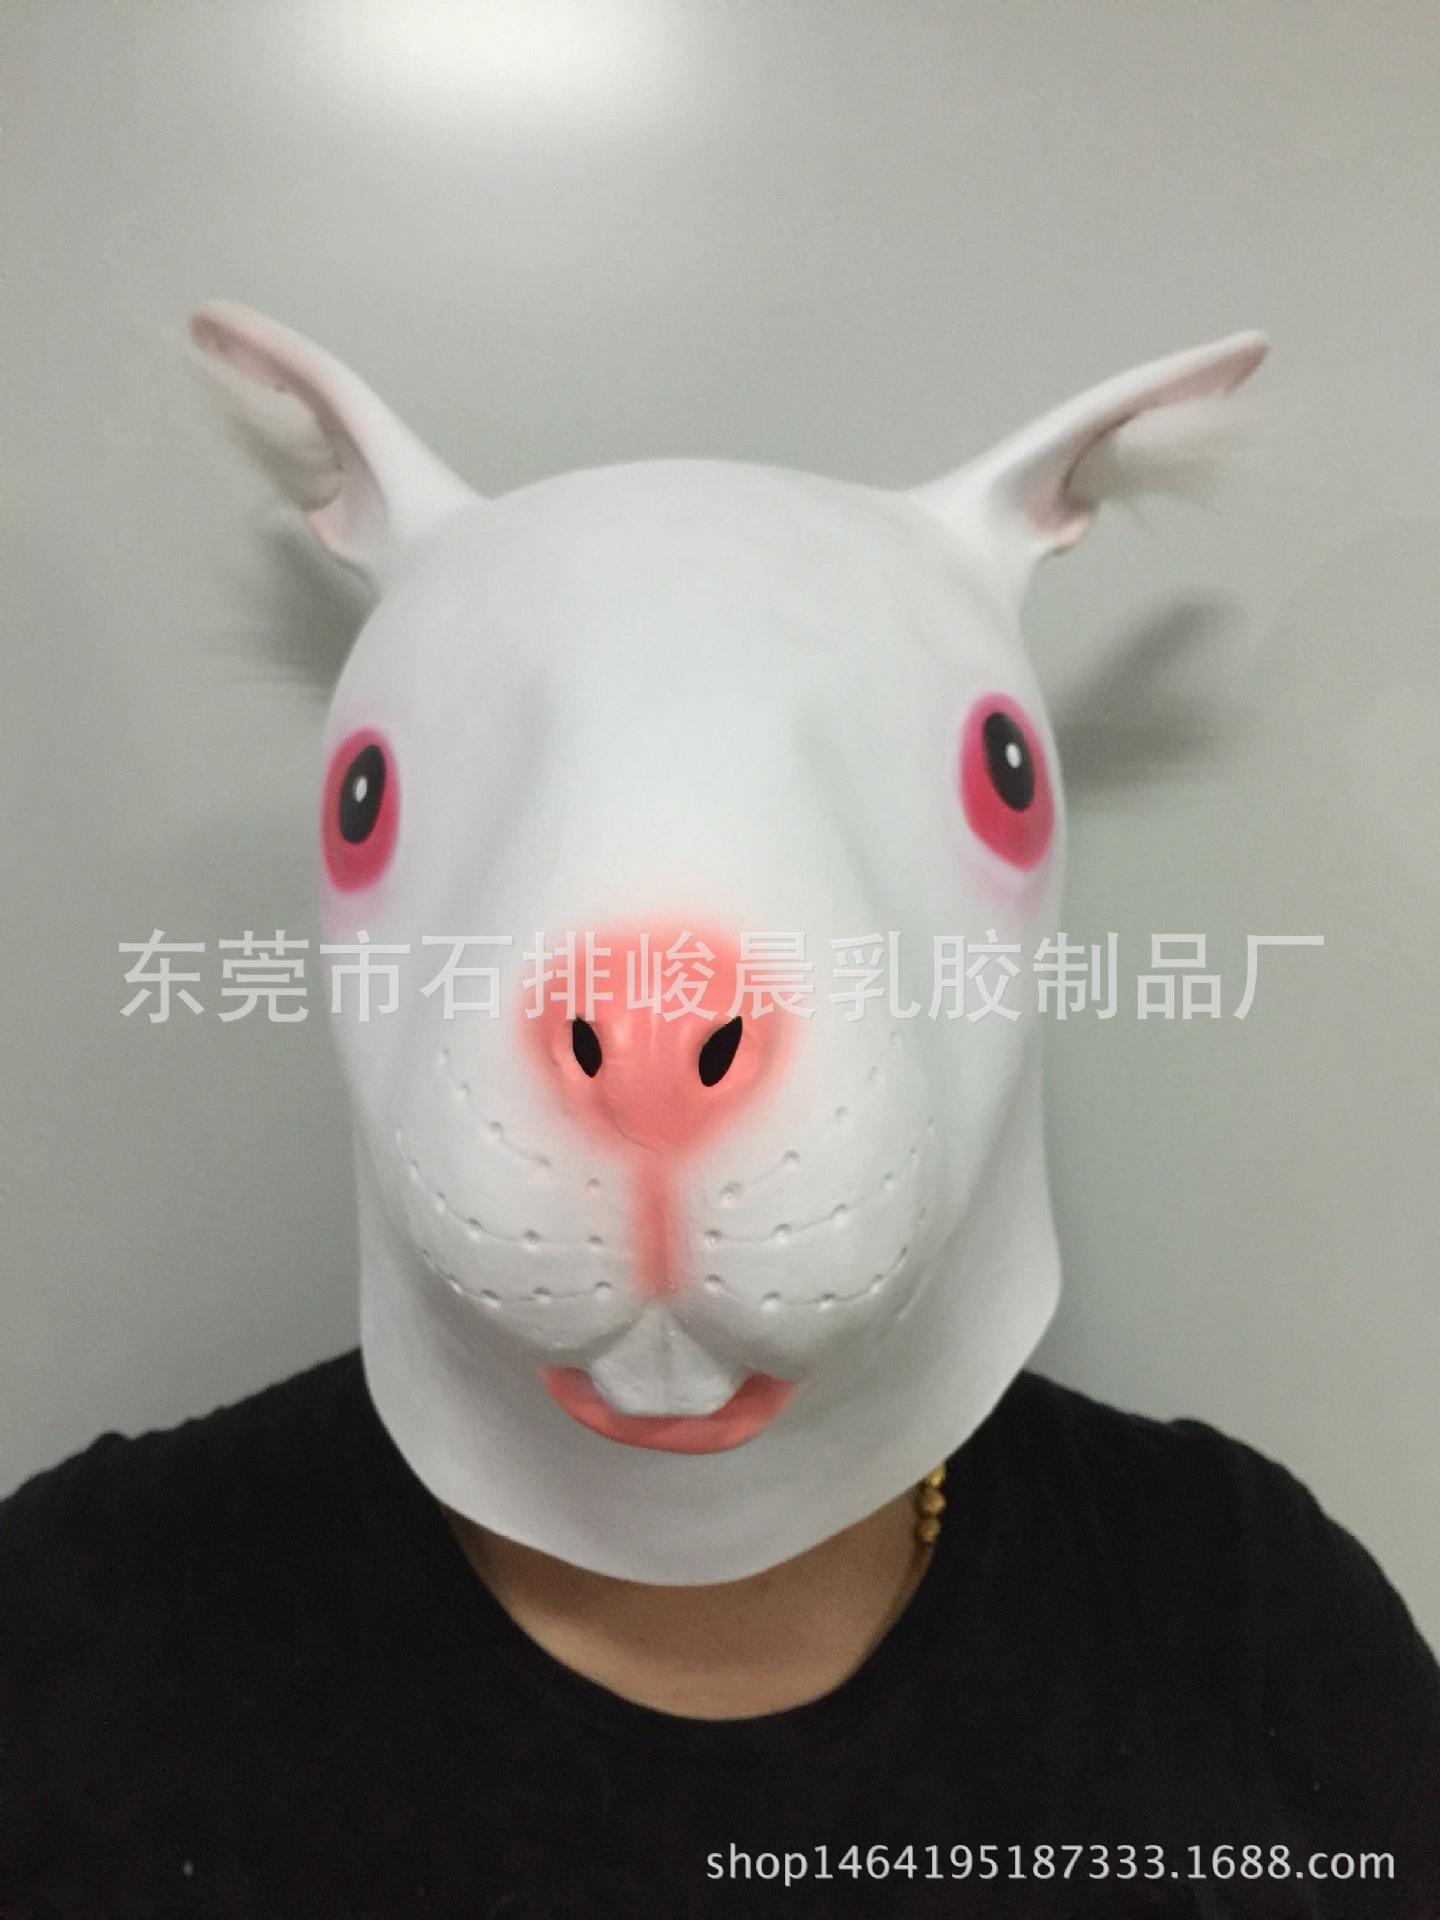 白色兔头乳胶面具 兔子头套ktv表演面具 万圣节动物面具 乳胶兔头